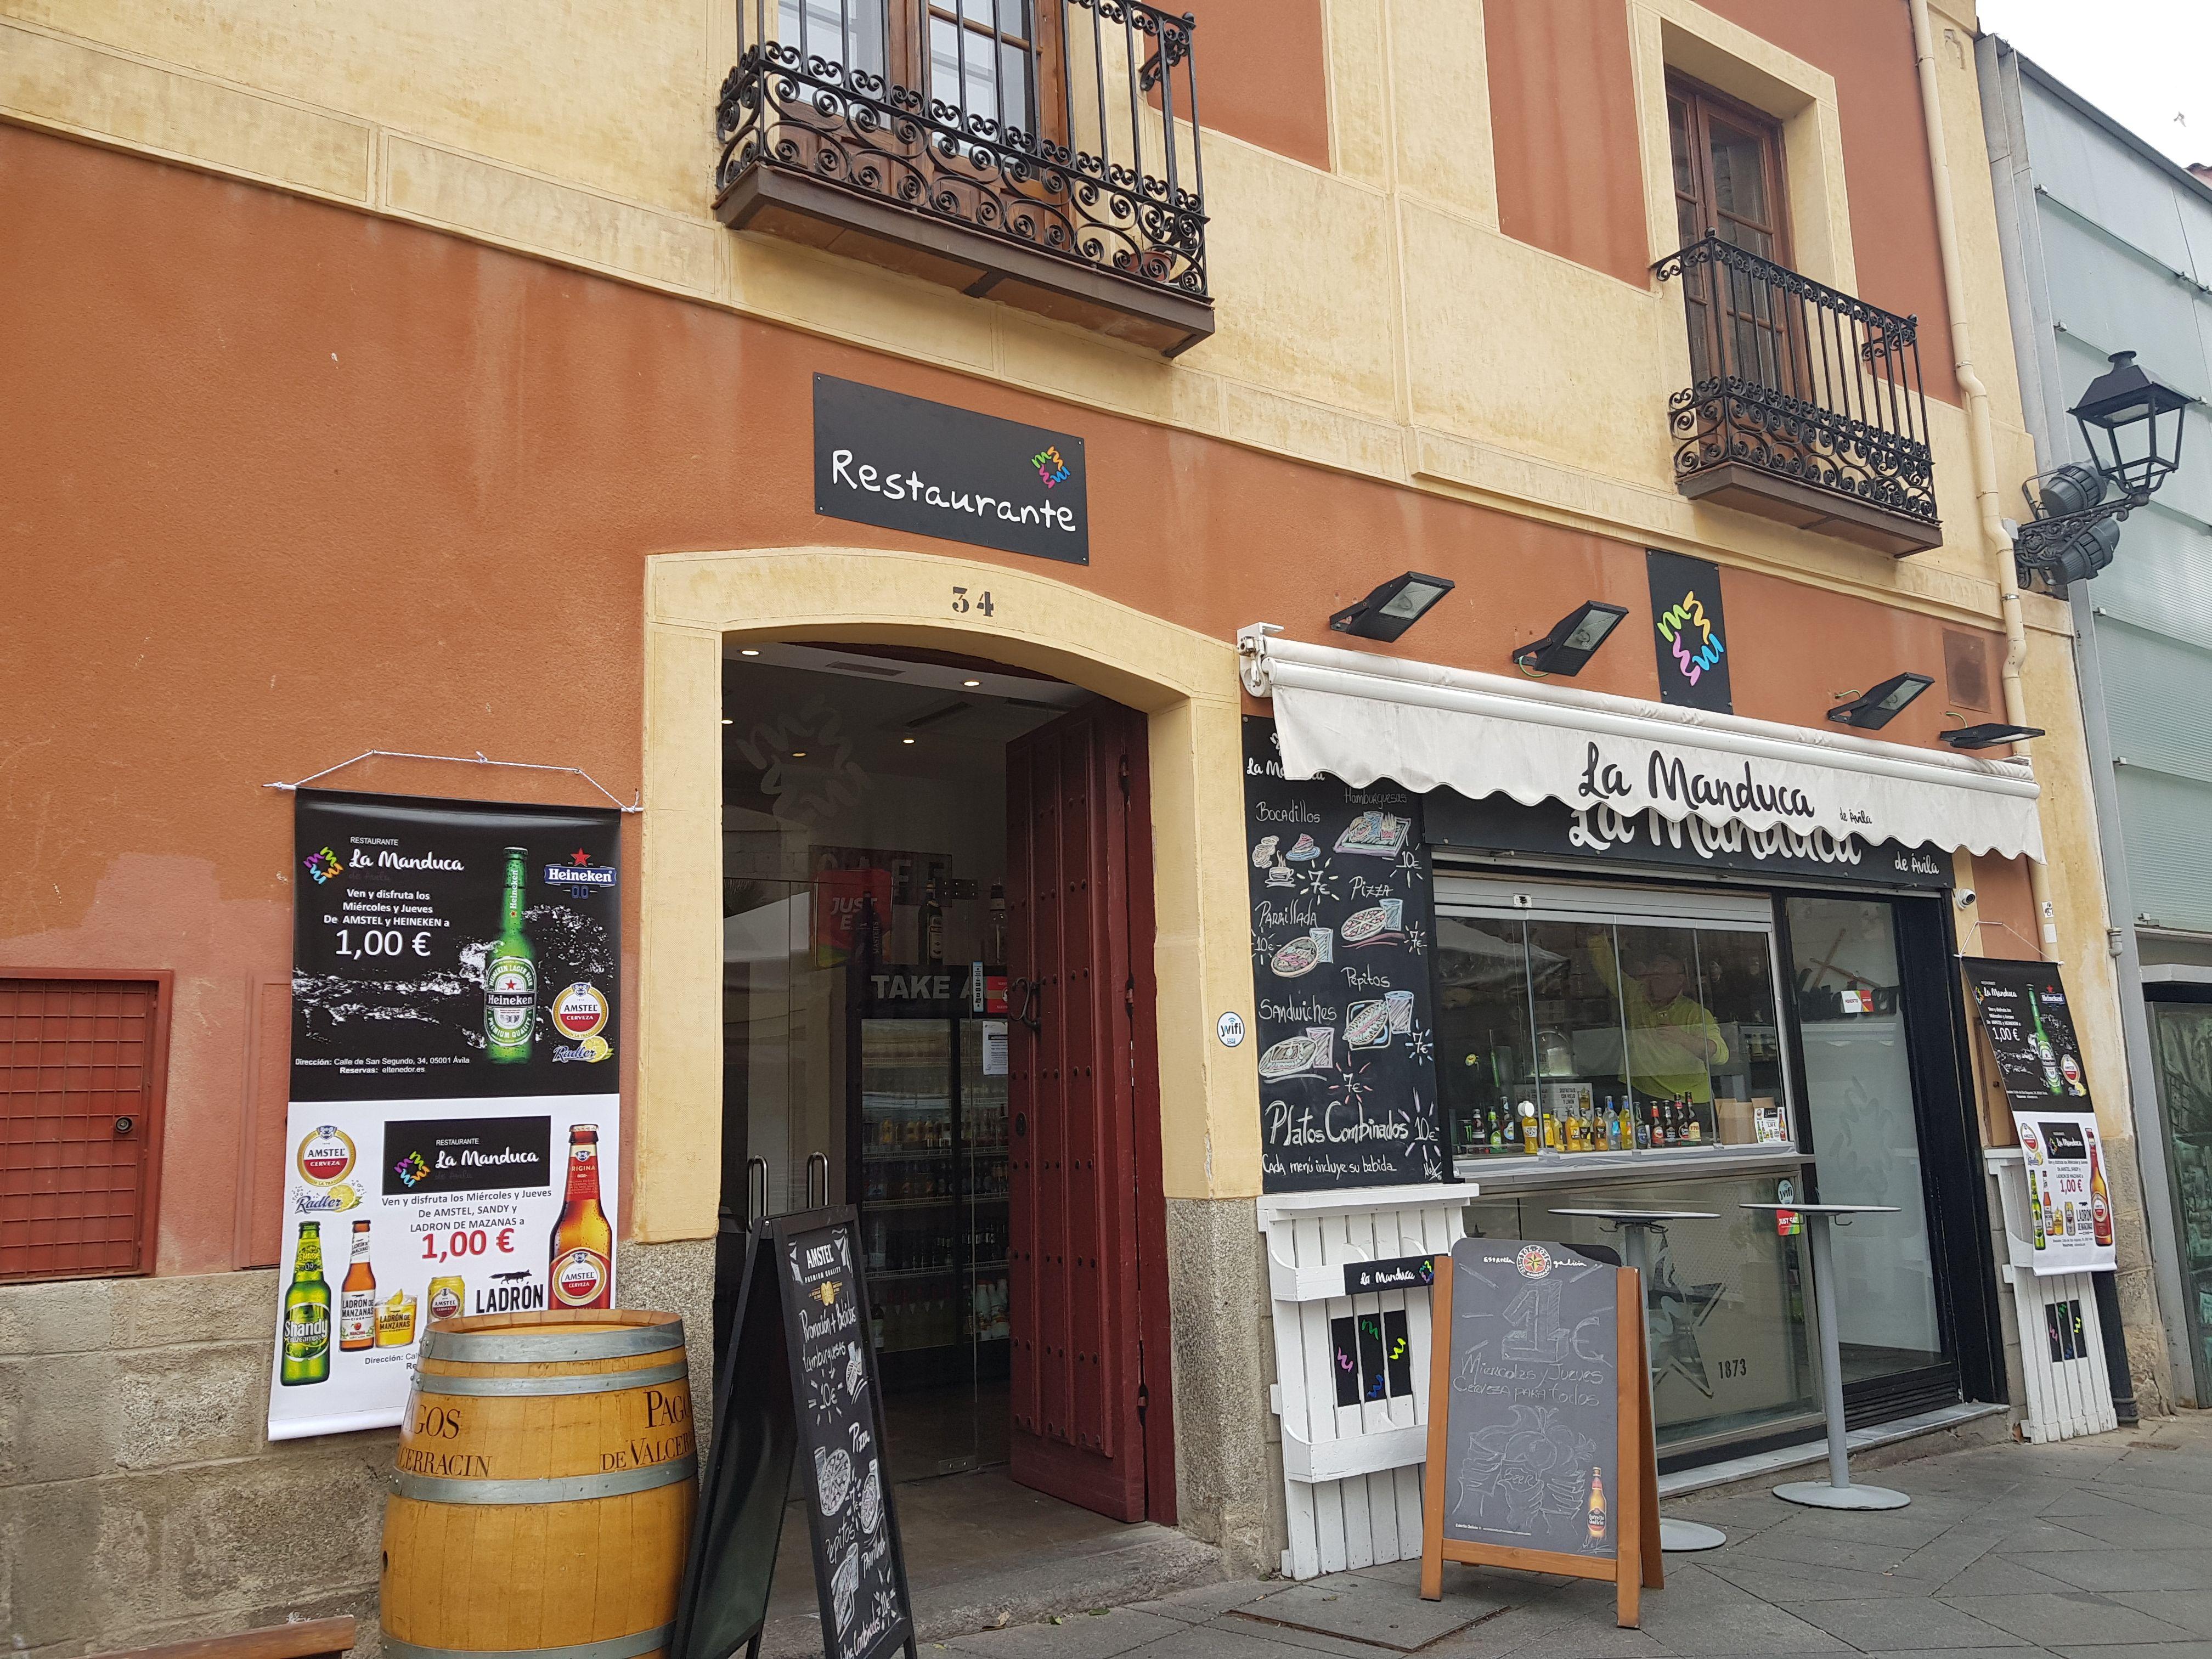 Restaurante con desayunos y meriendas en Ávila